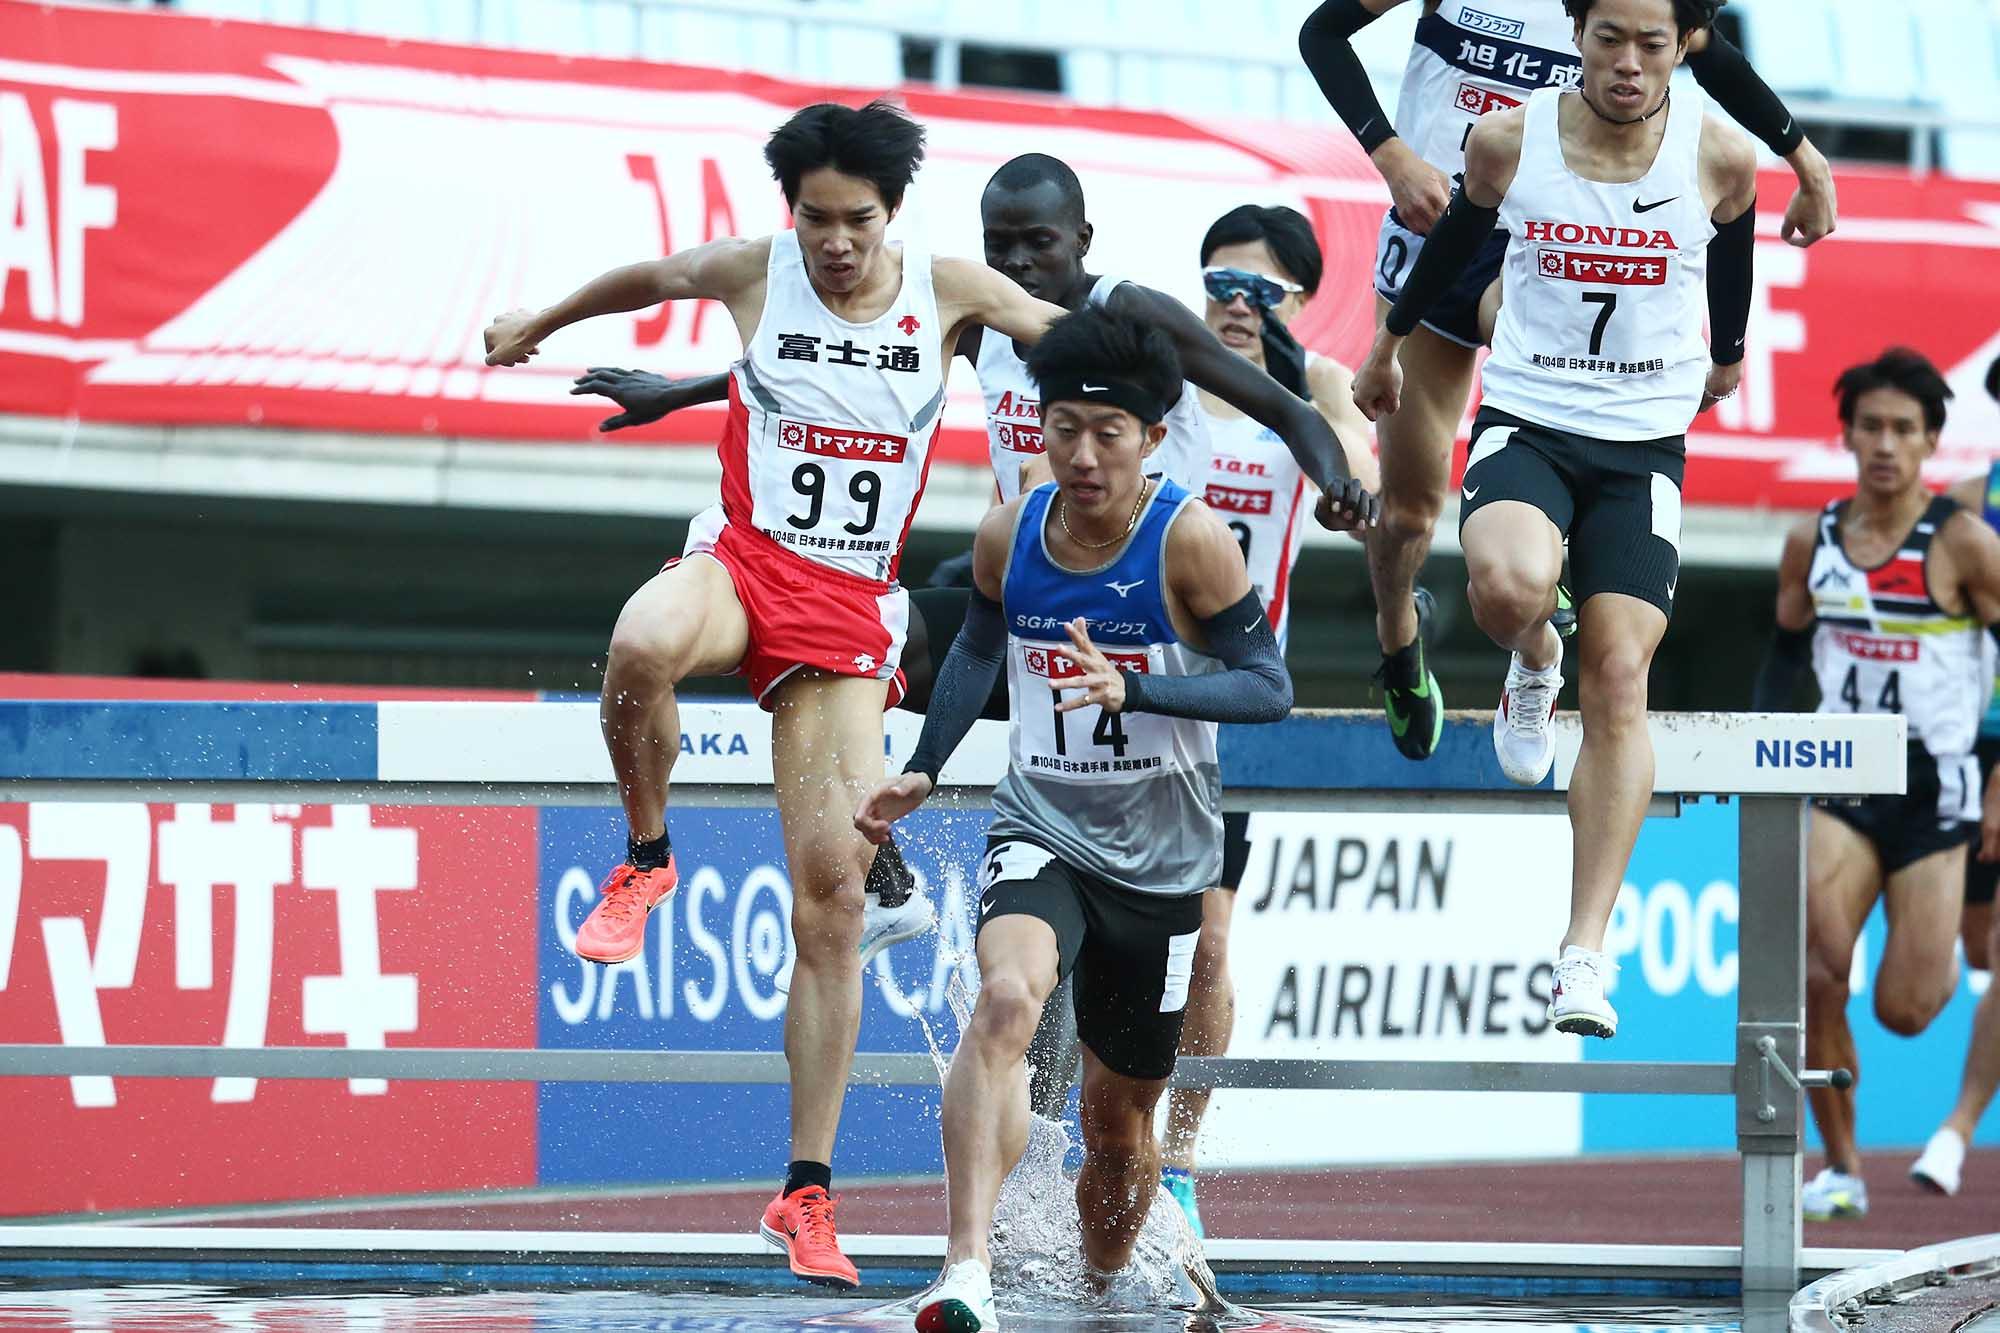 【競技結果】男子3000mSC決勝